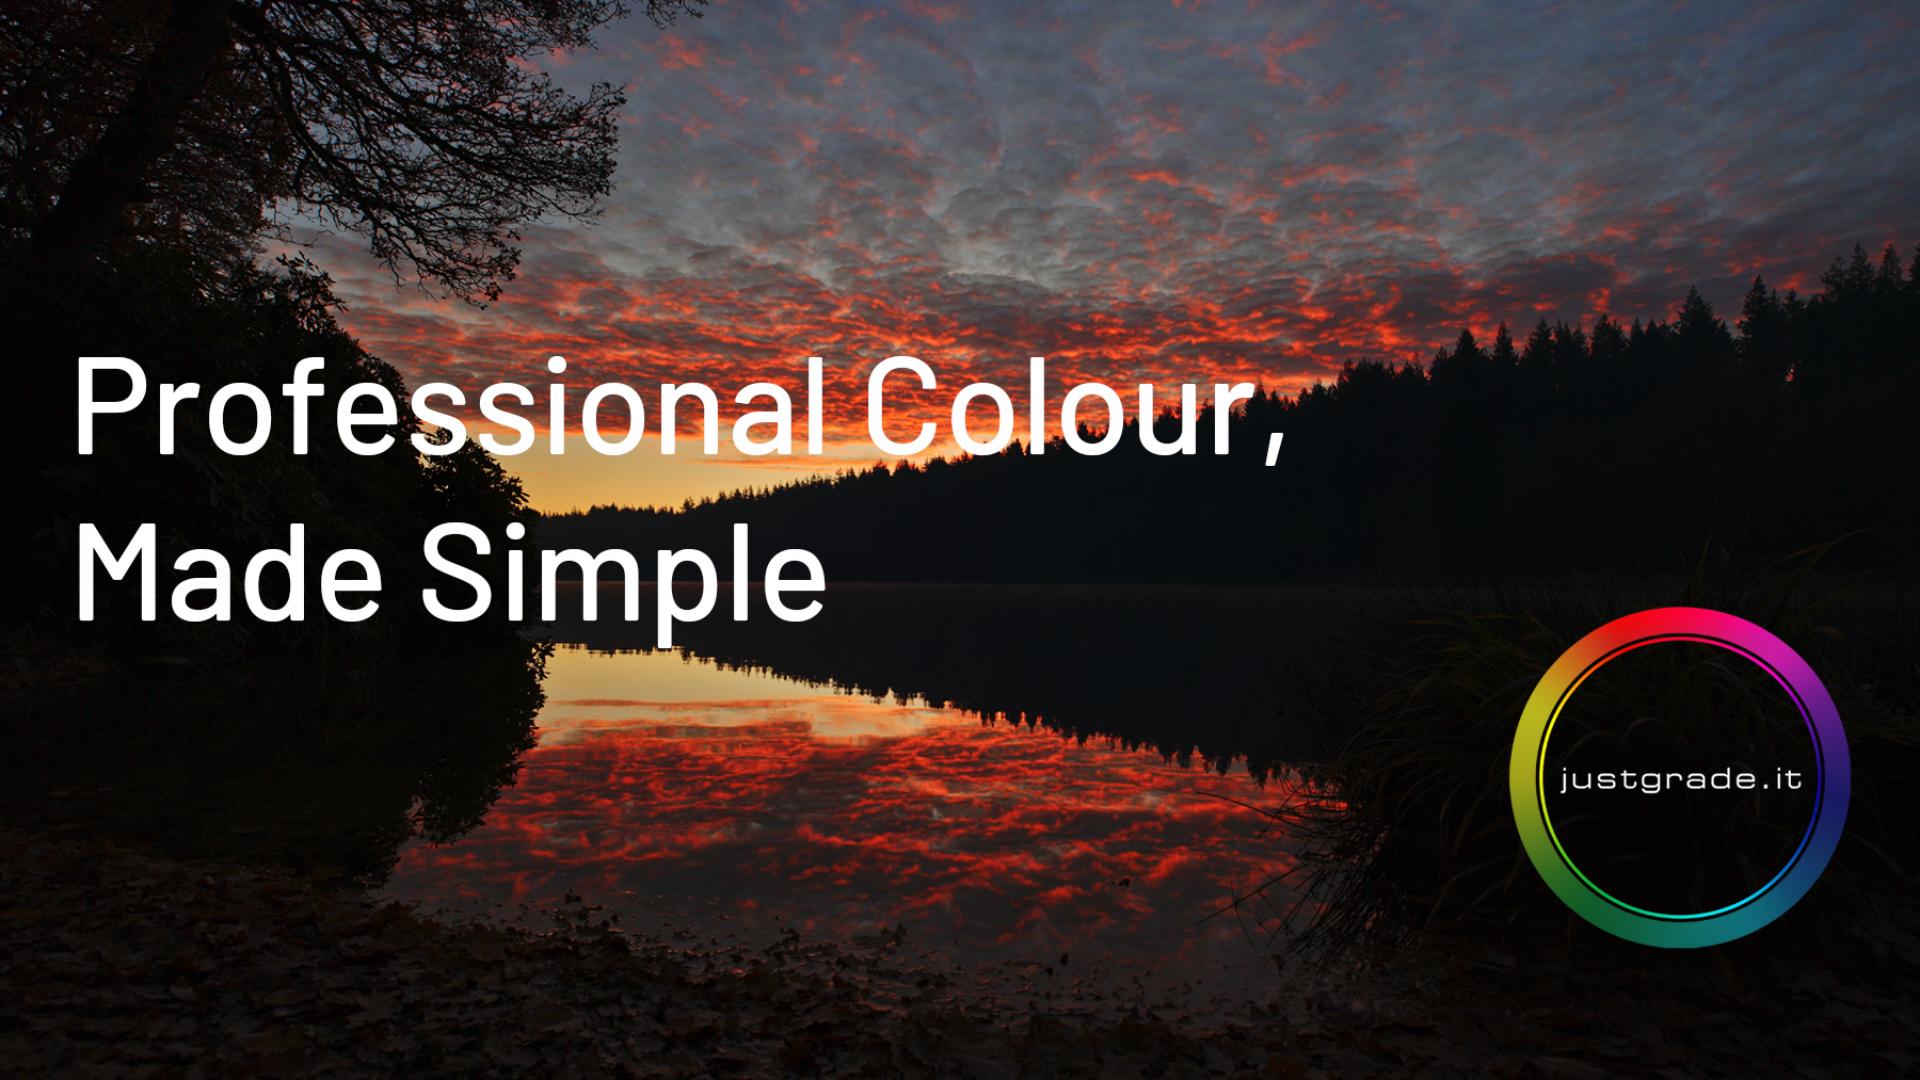 JustGrade.it - Nuevo servicio en línea para corrección de color hecha por profesionales